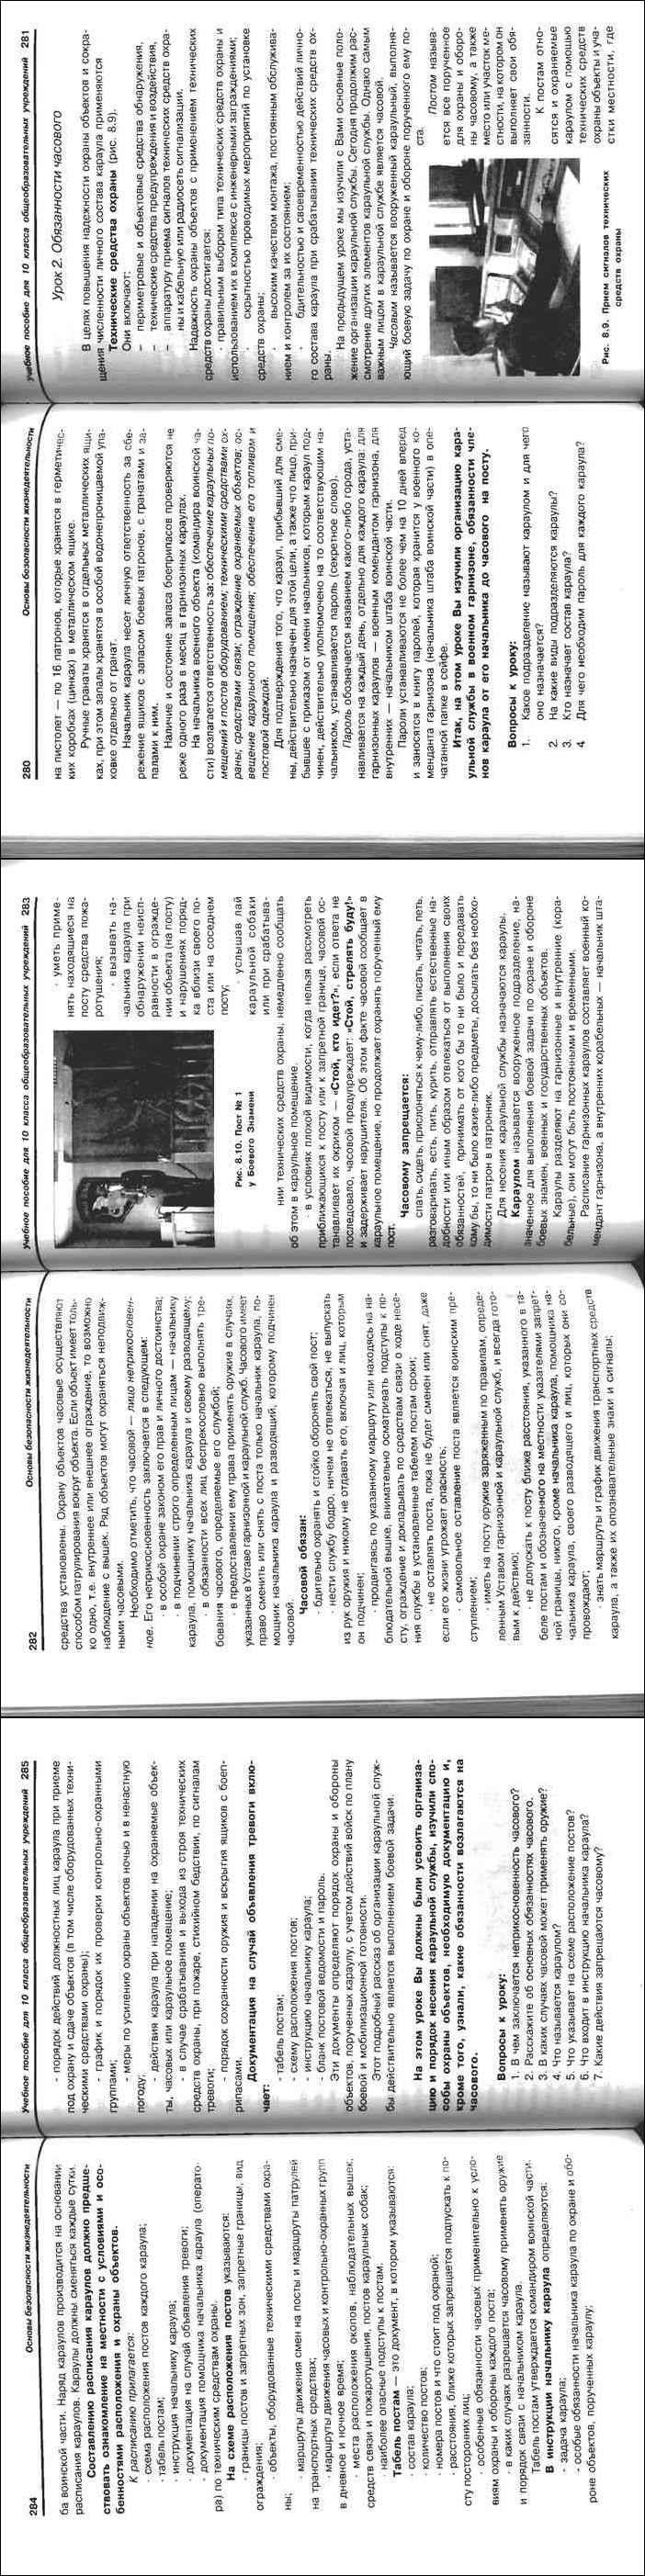 Сутки — википедия. что такое сутки